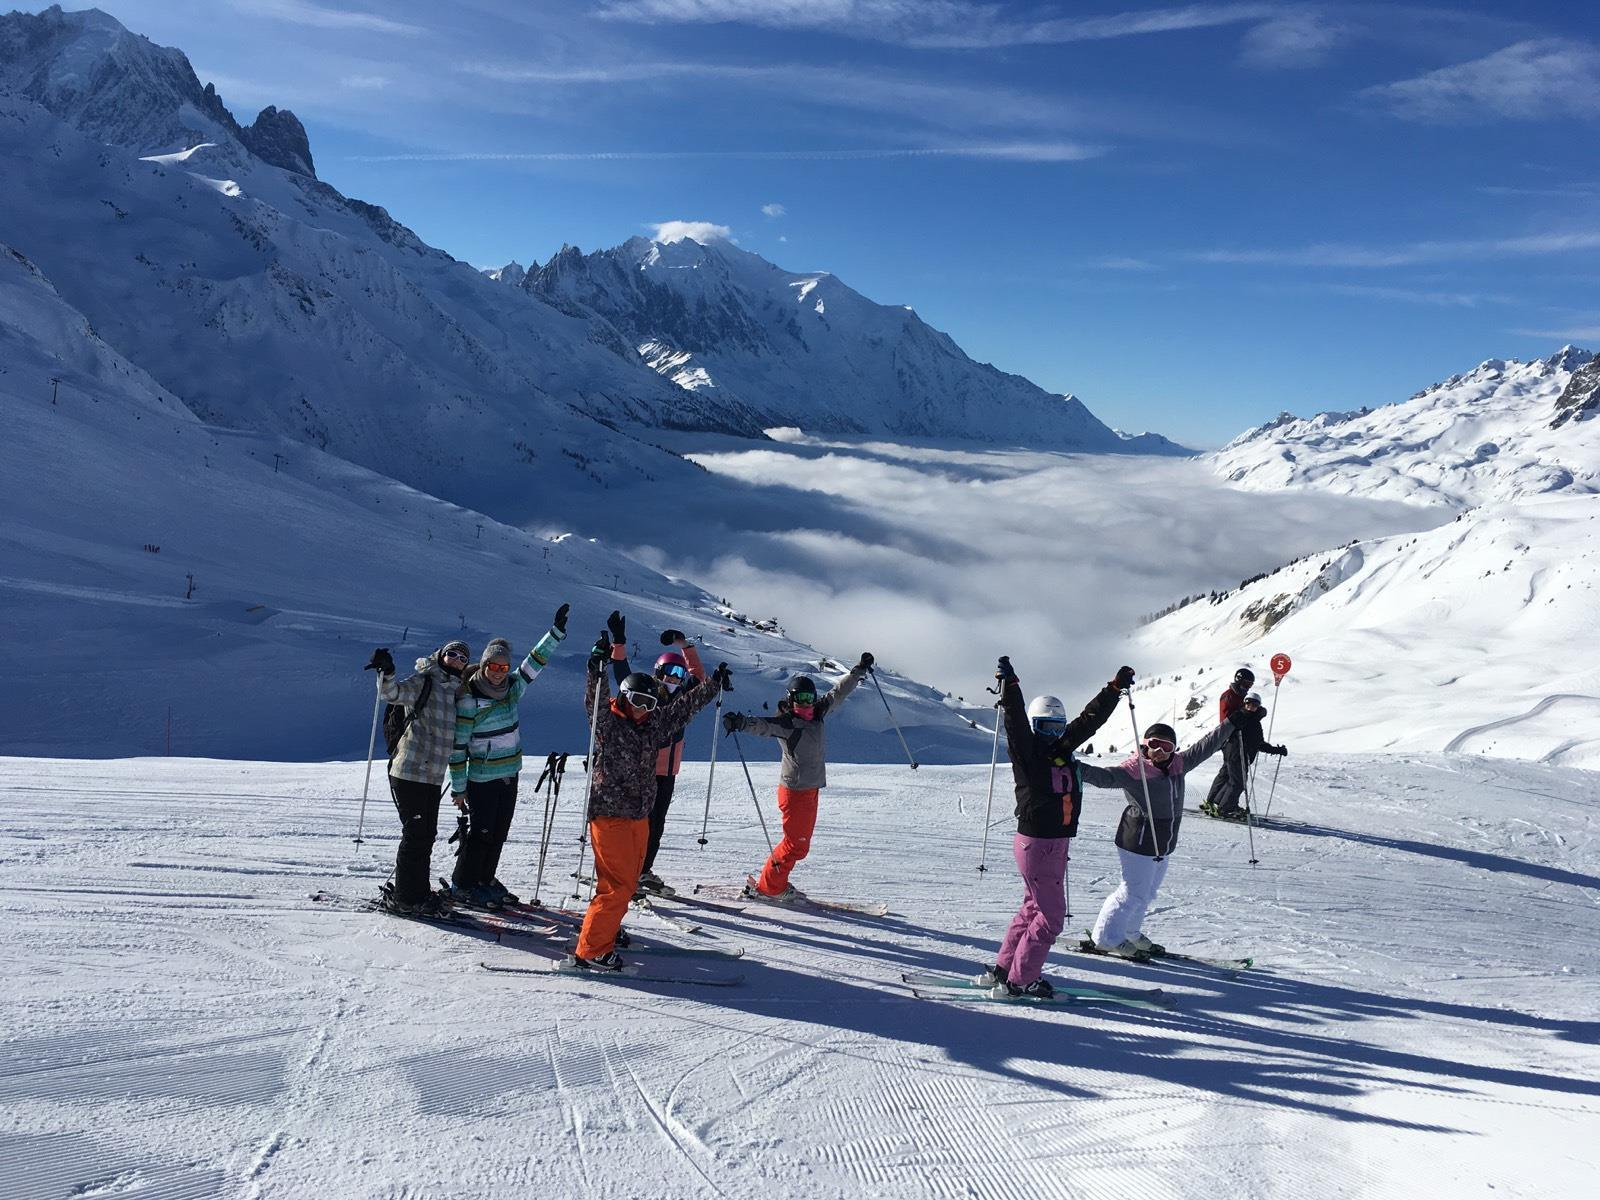 Cours de ski pour Adultes à Chamonix - Tous niveaux